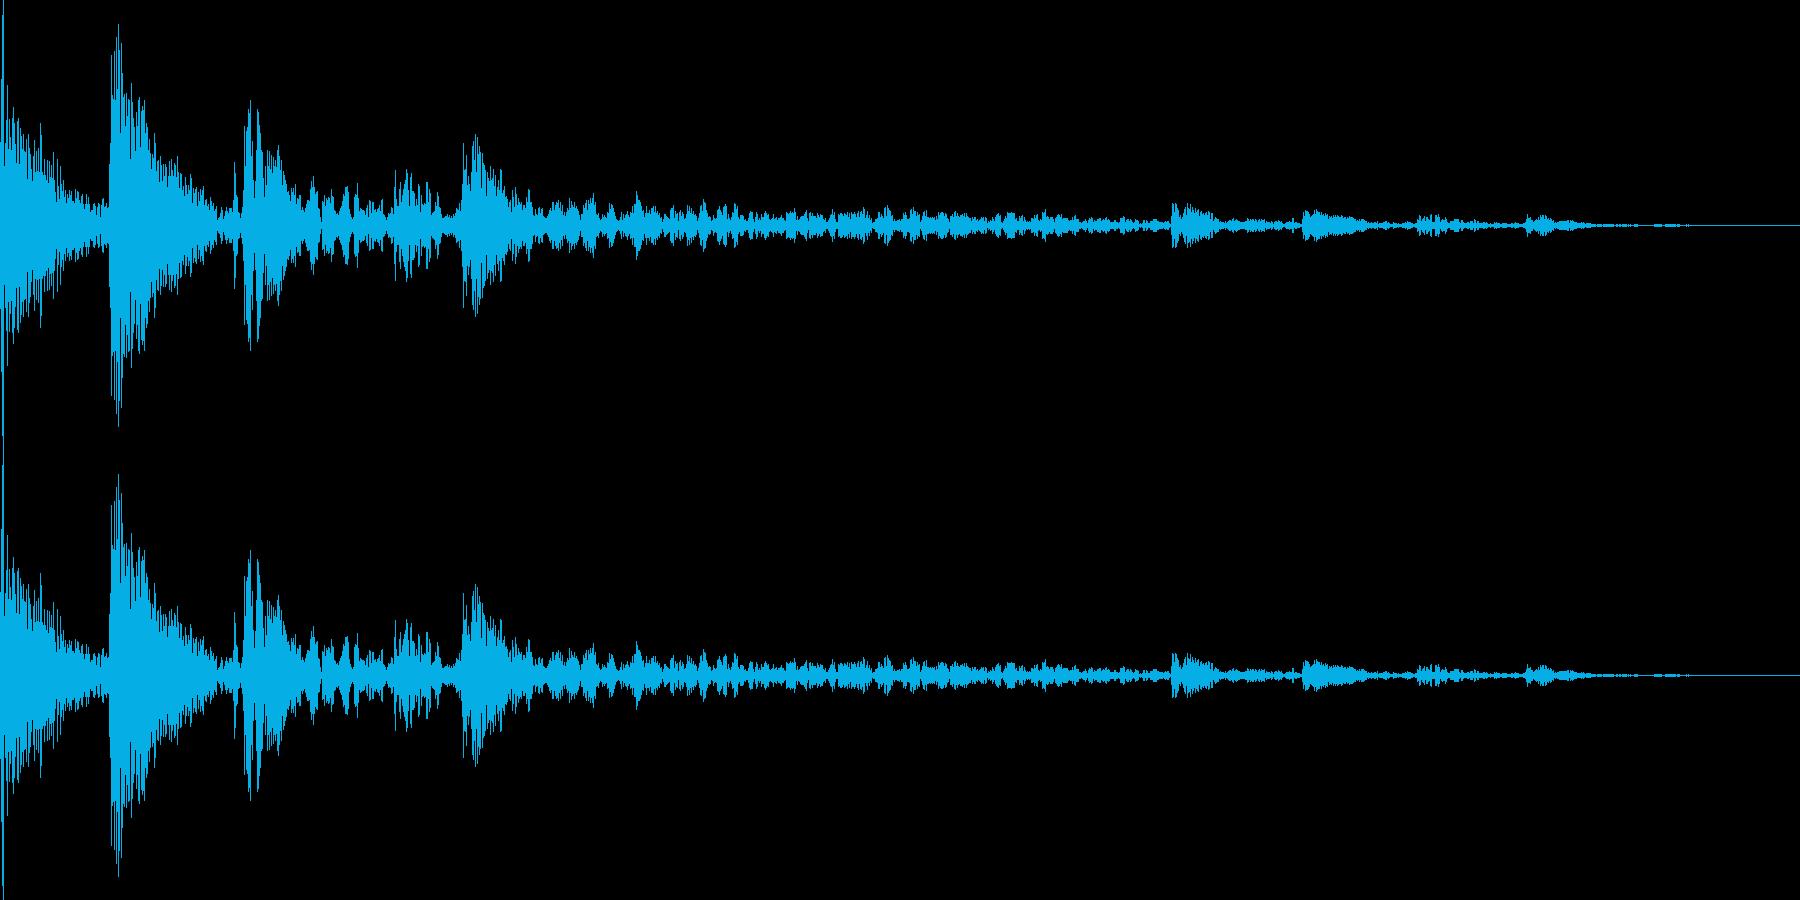 ぽうんぽうんぽうん… (魔法を使った音)の再生済みの波形